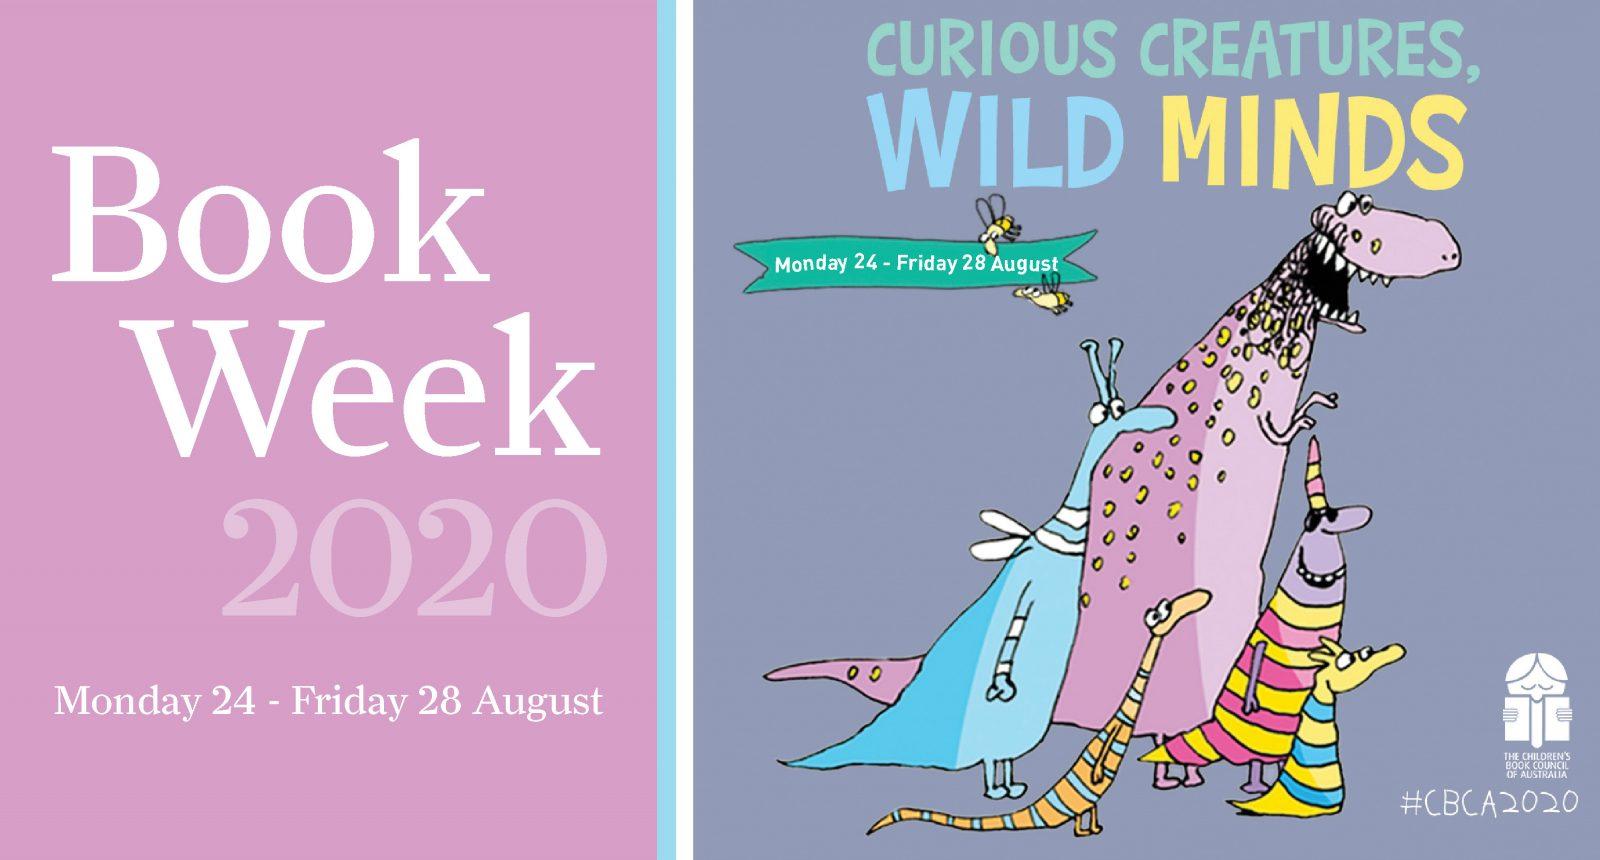 W3 - Book Week